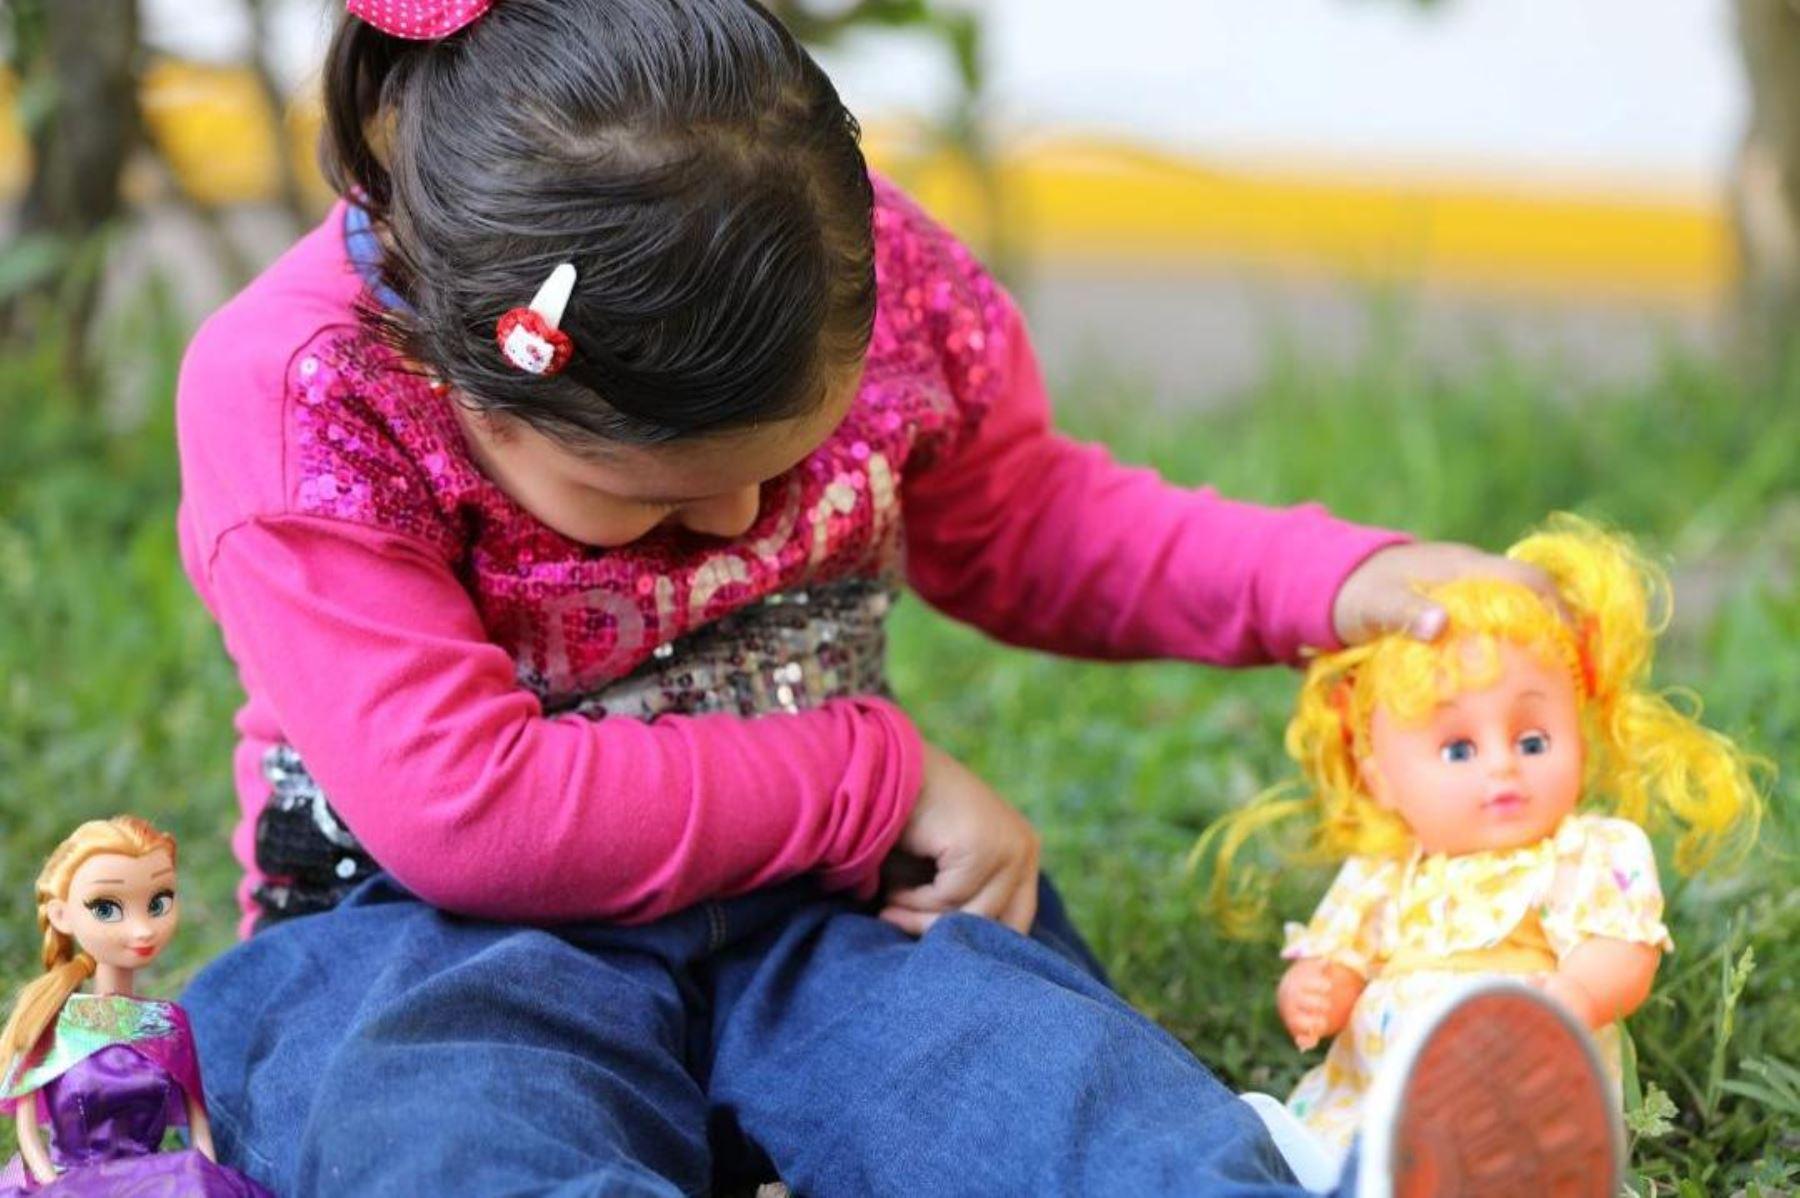 Navidad: plomo en juguetes puede afectar el sistema nervioso de niños. Foto: ANDINA/Difusión.